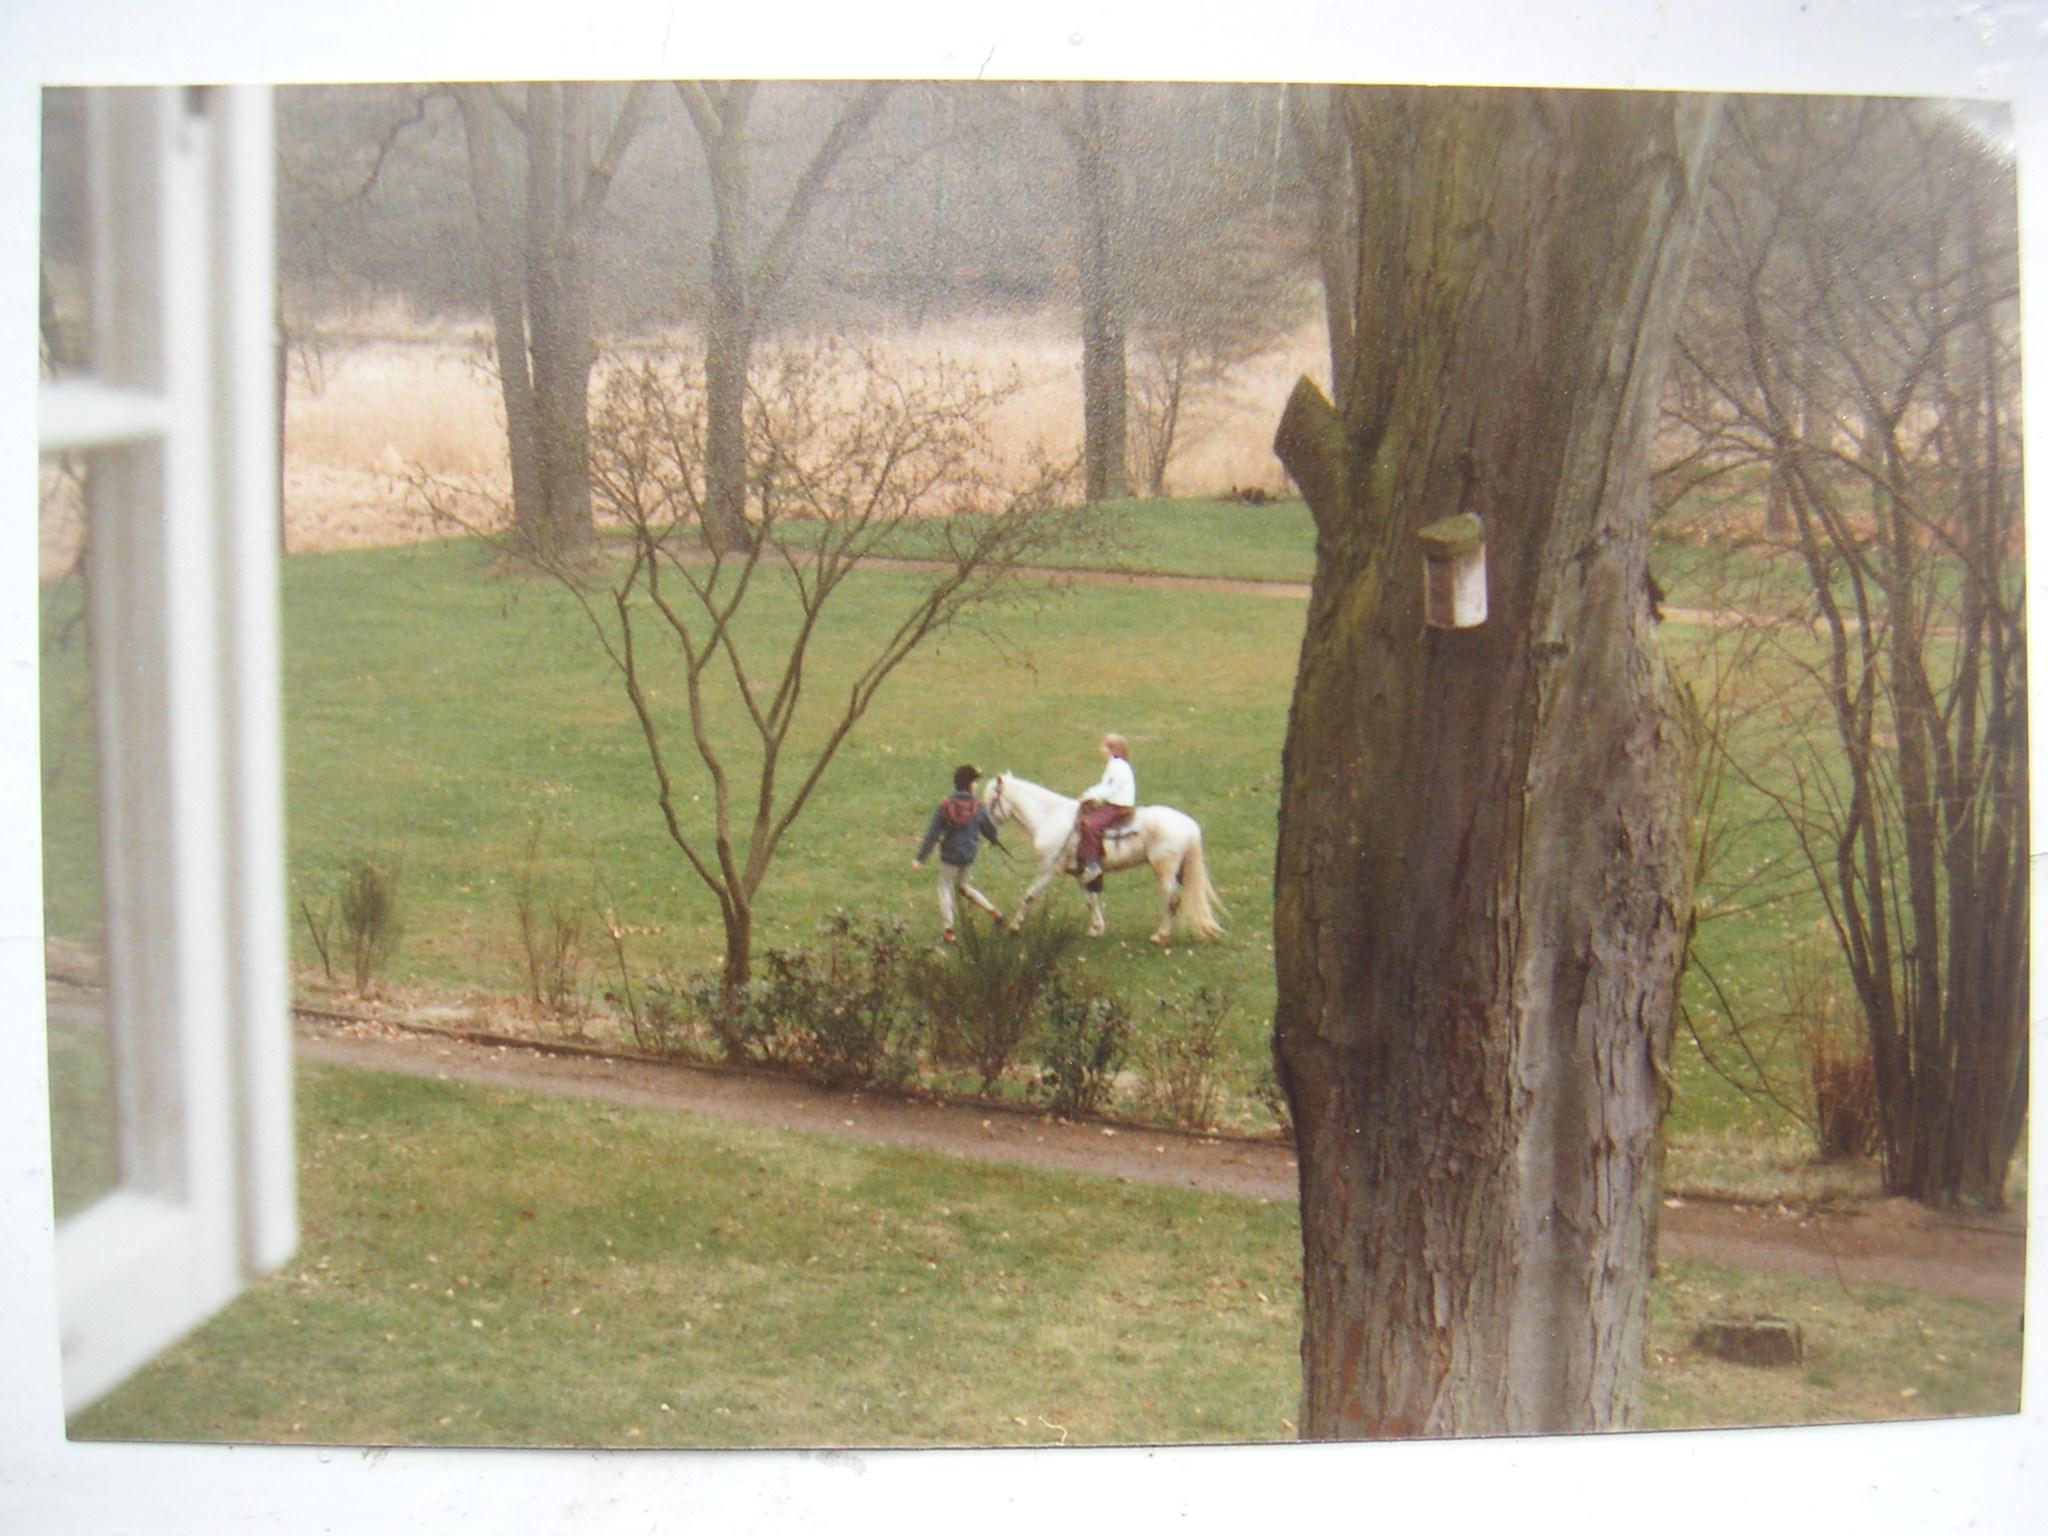 Mit der Nachbarstochter im Garten - man beachte, wer den Helm trägt!